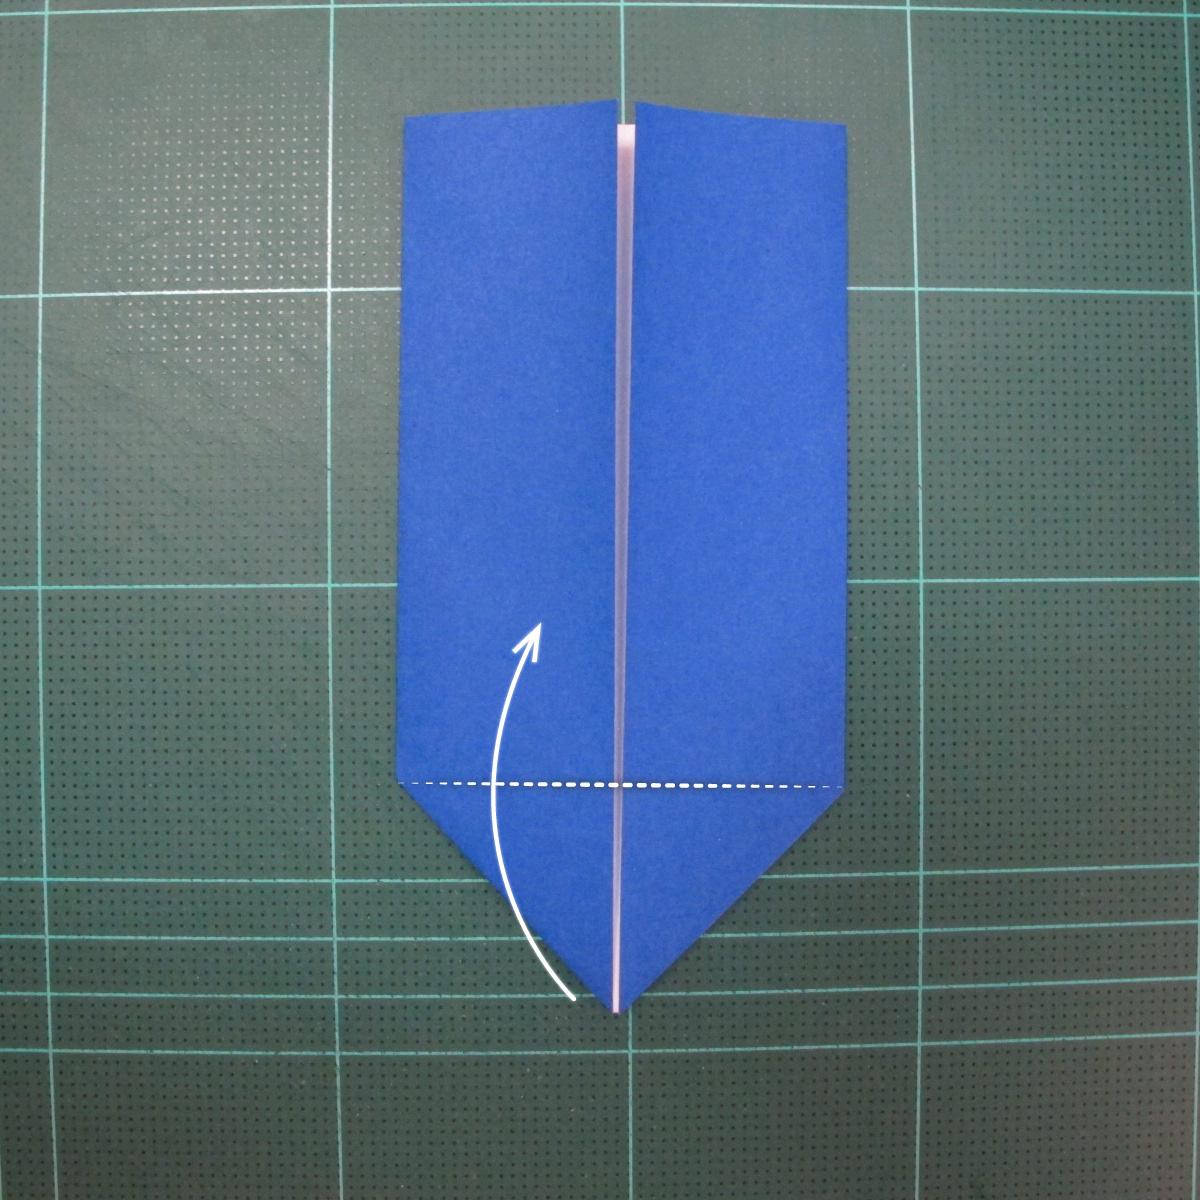 วิธีการพับกระดาษเป็นรูปกระต่าย แบบของเอ็ดวิน คอรี่ (Origami Rabbit)  005